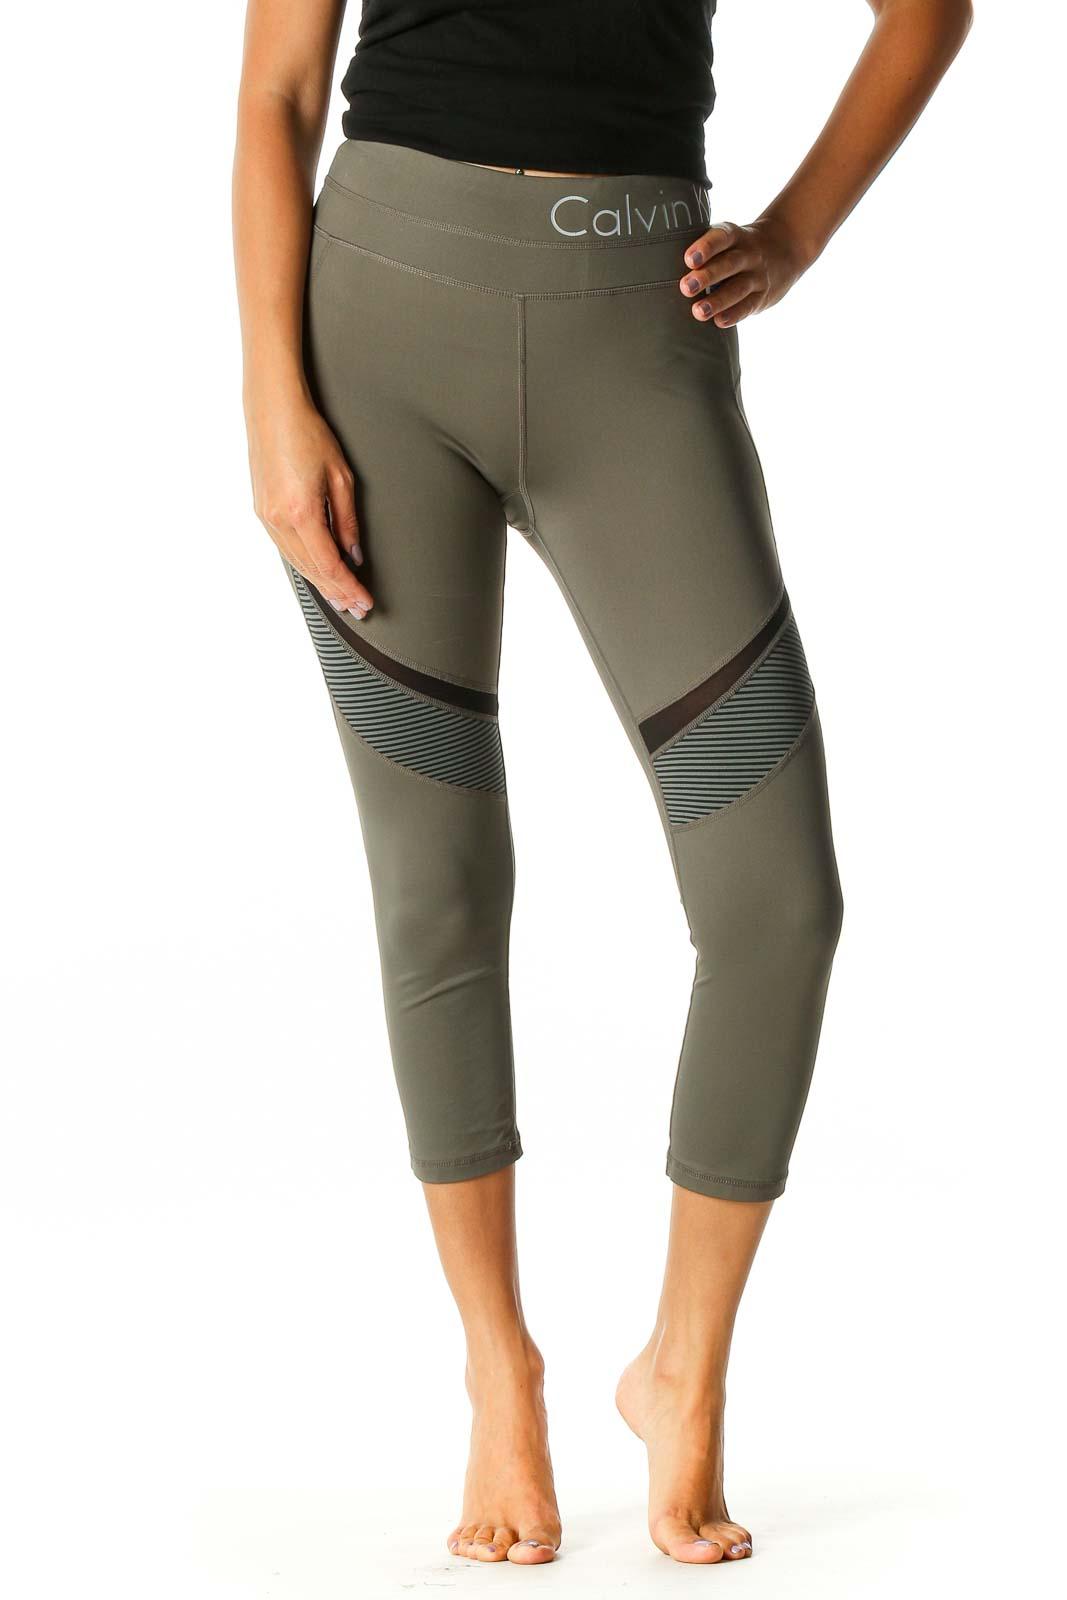 Green Colorblock Activewear Capri Leggings Front